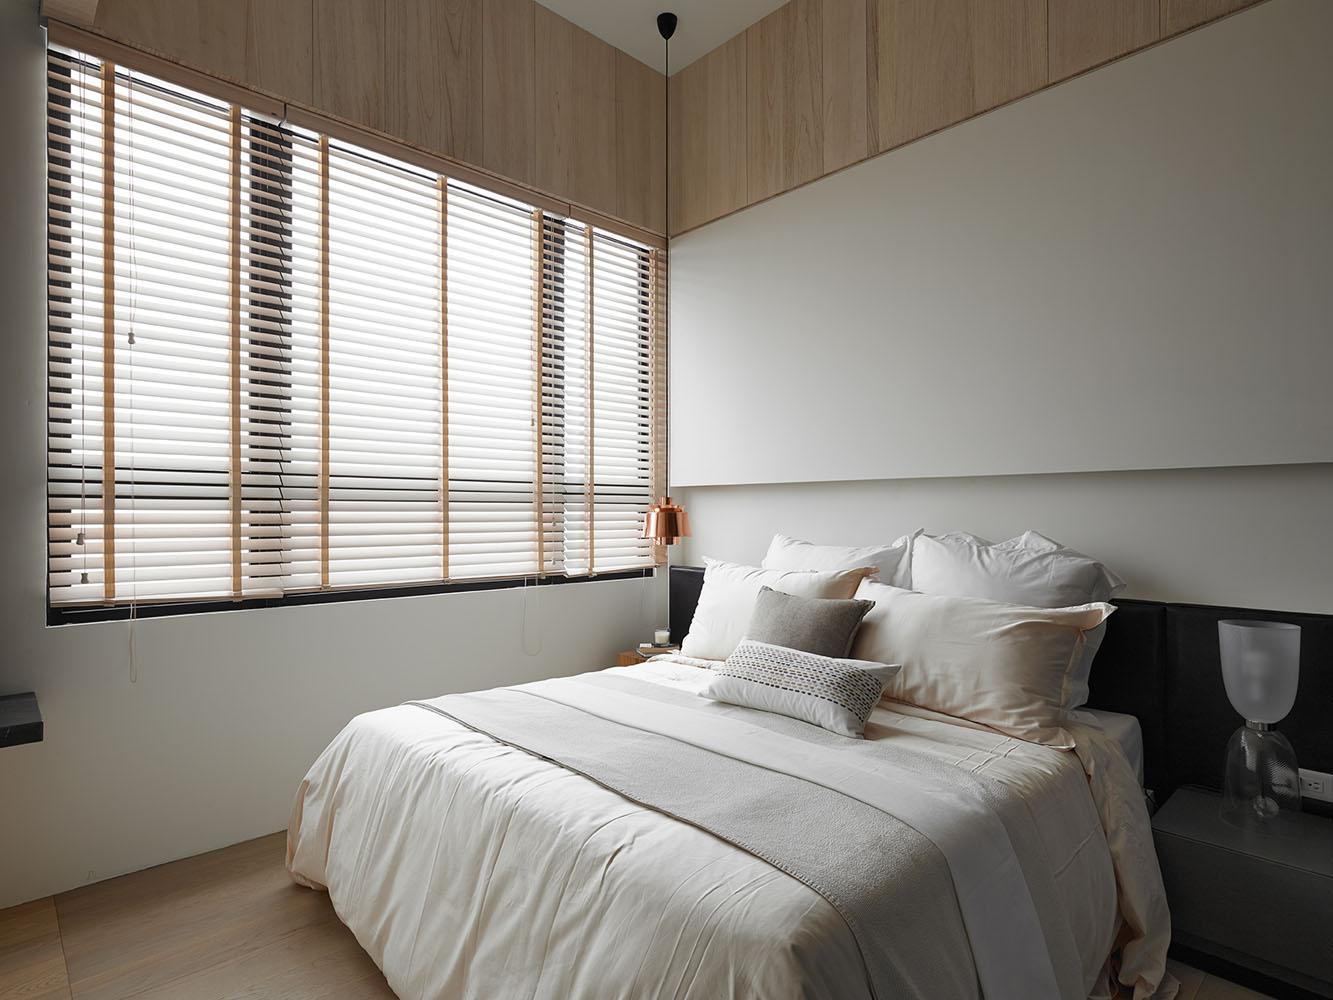 淡雅、简约、深邃两室一厅装修效果图